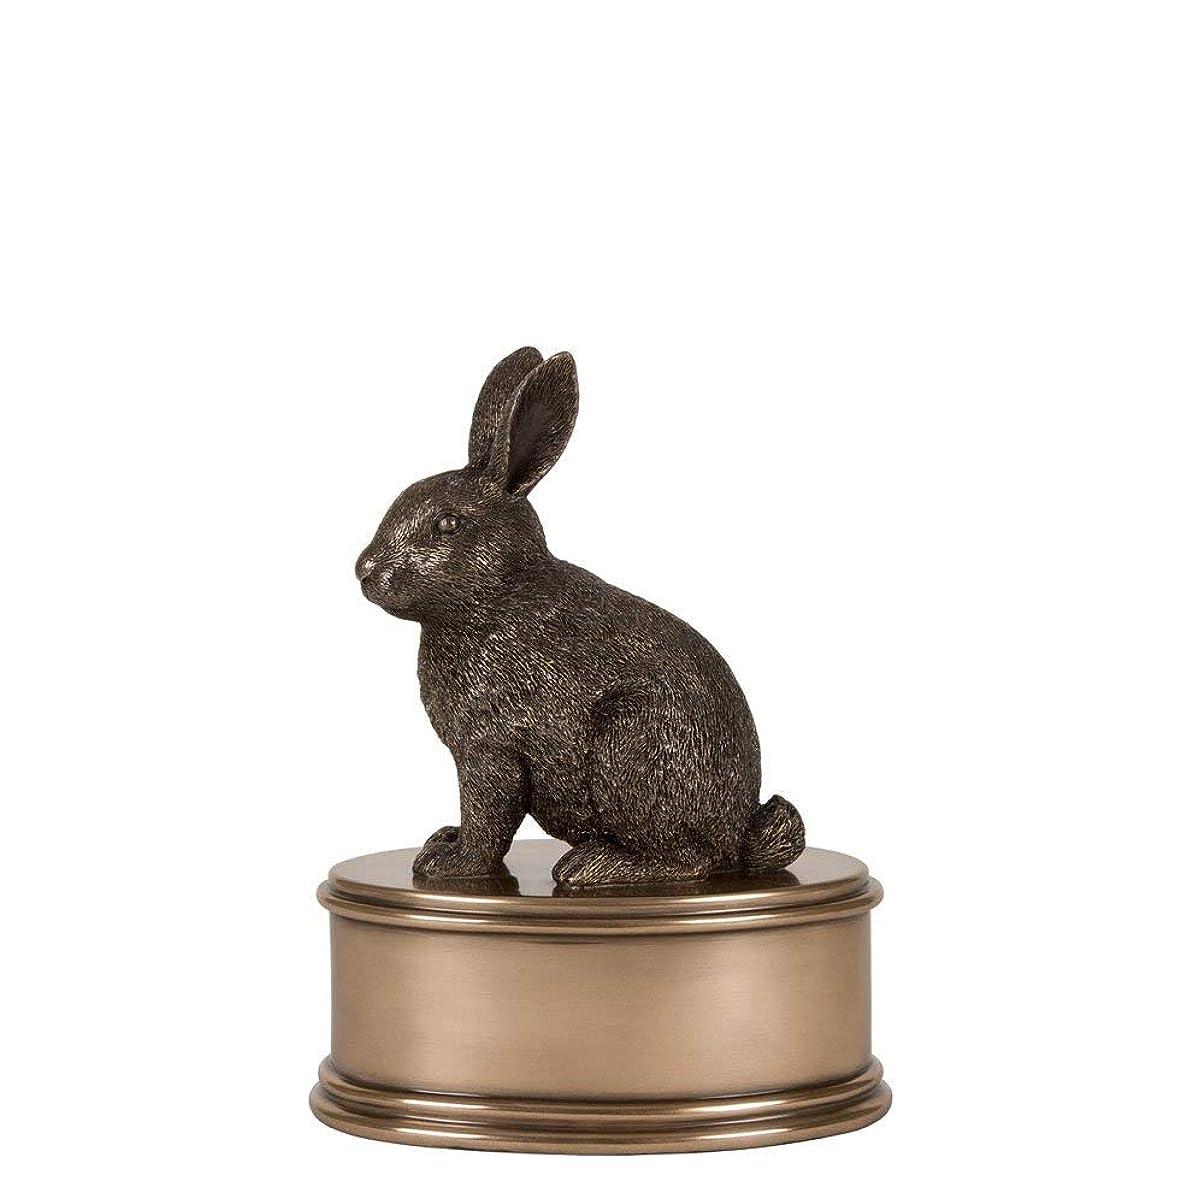 速記泥沼暗唱するPerfect Memorials ウサギの置物火葬骨壺